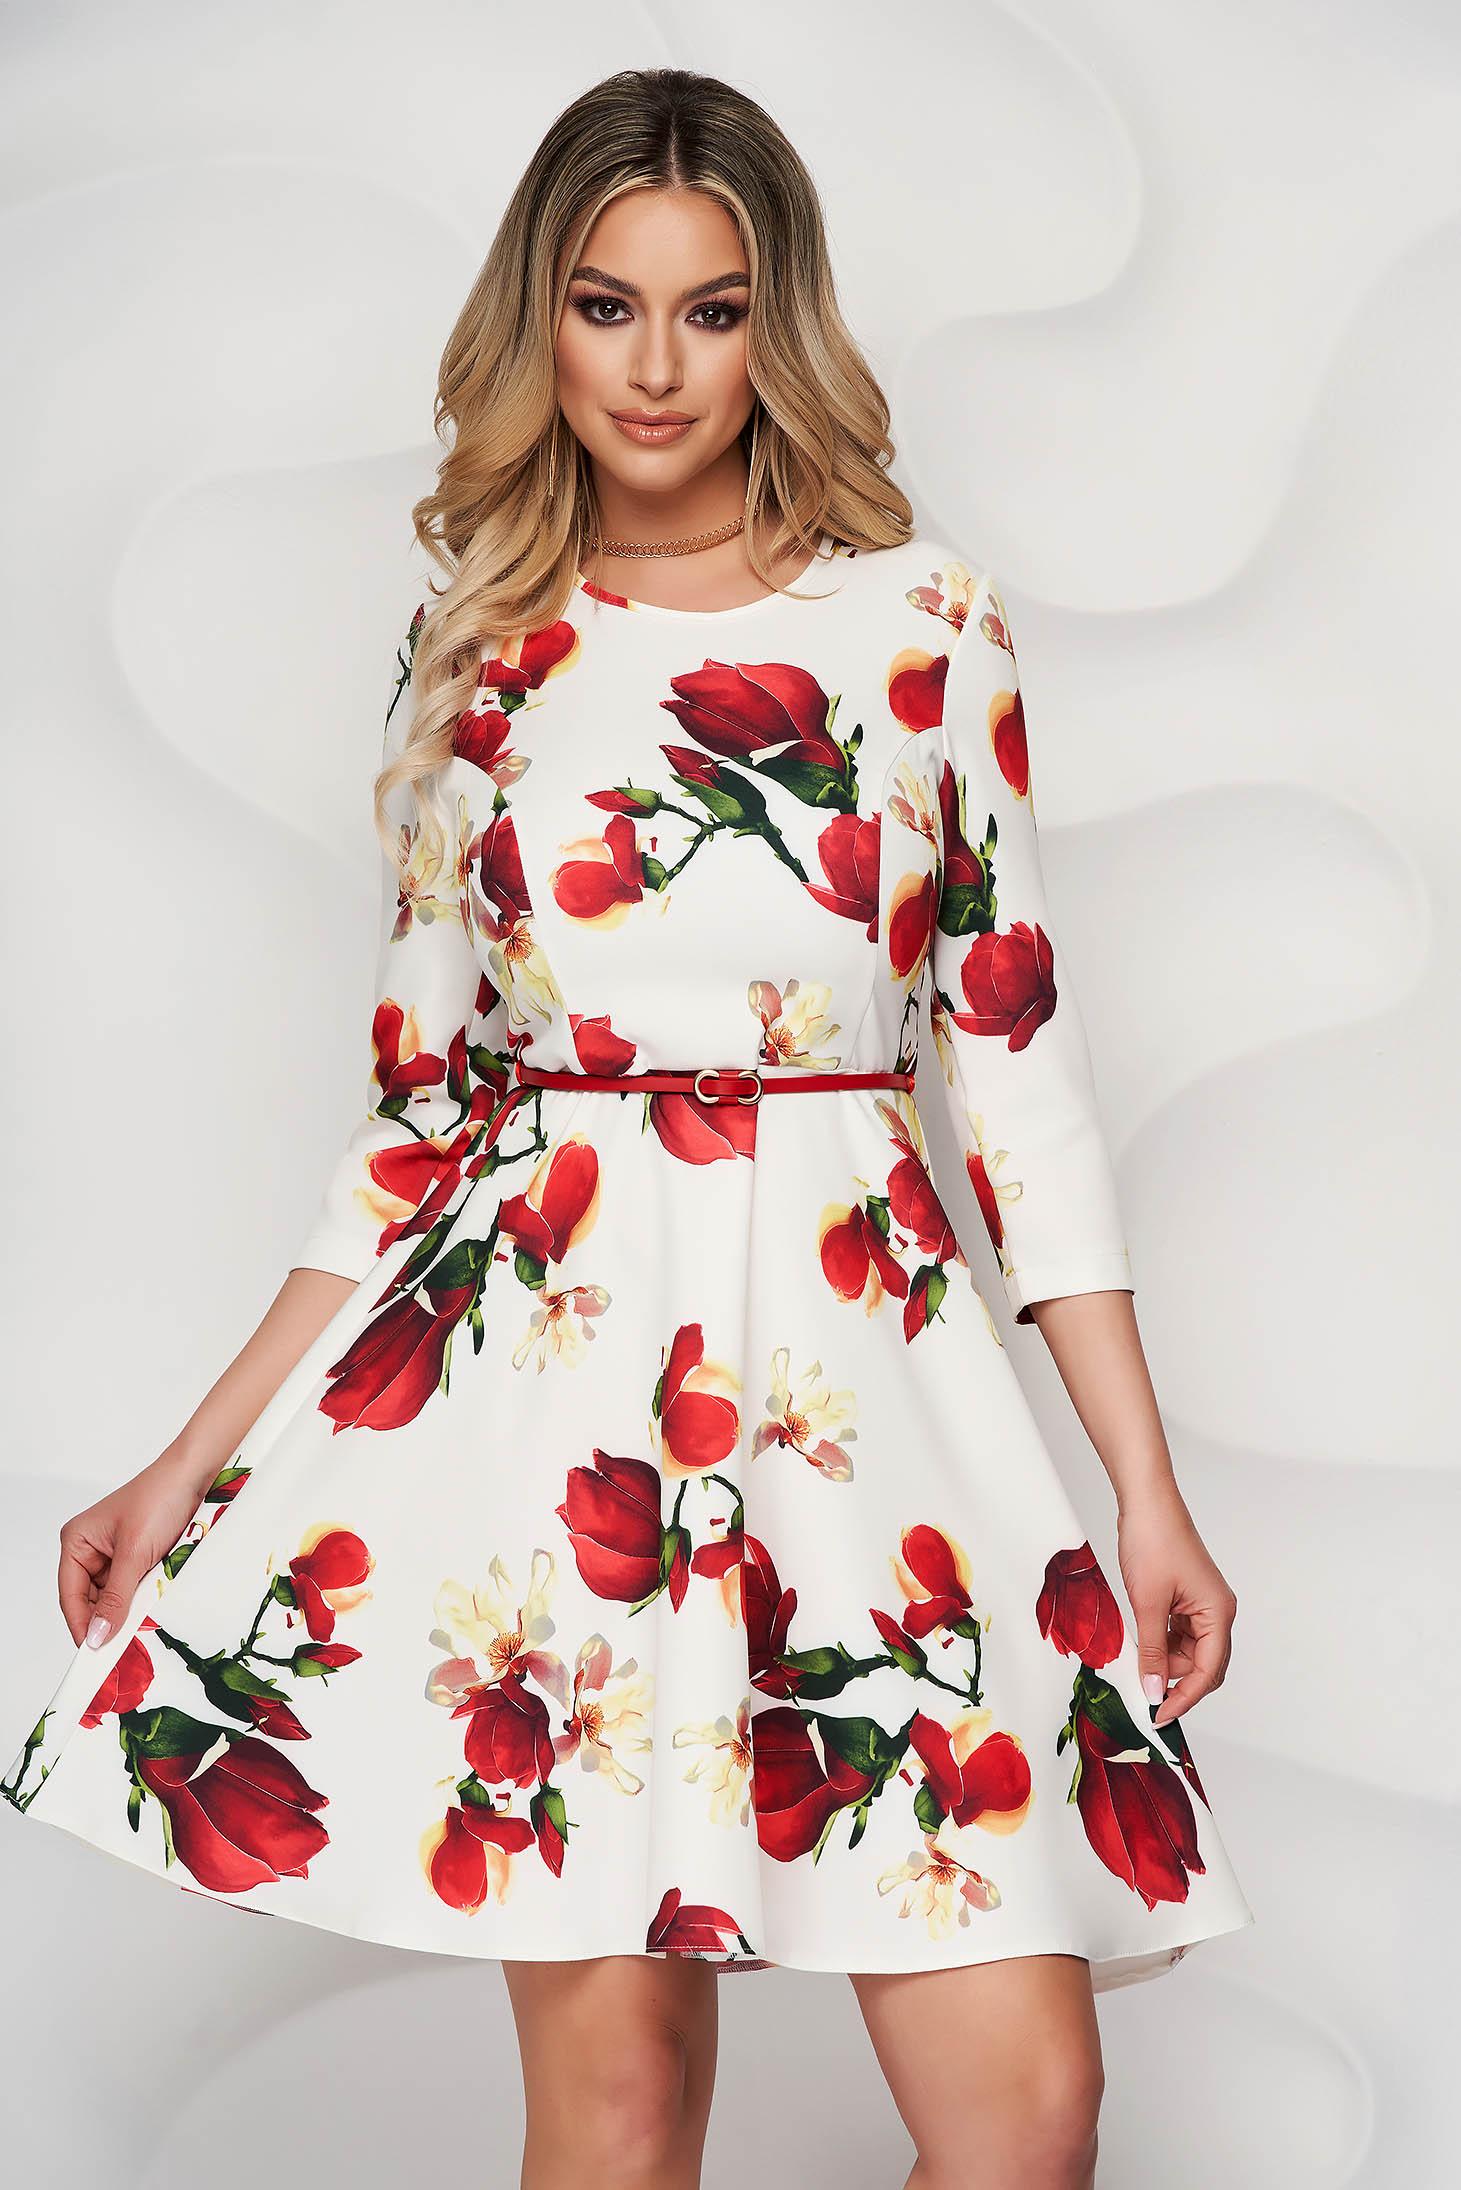 StarShinerS virágmintás ruha deréktól bővülő szabású háromnegyedes ujjakkal és szintetikus bőr övvel